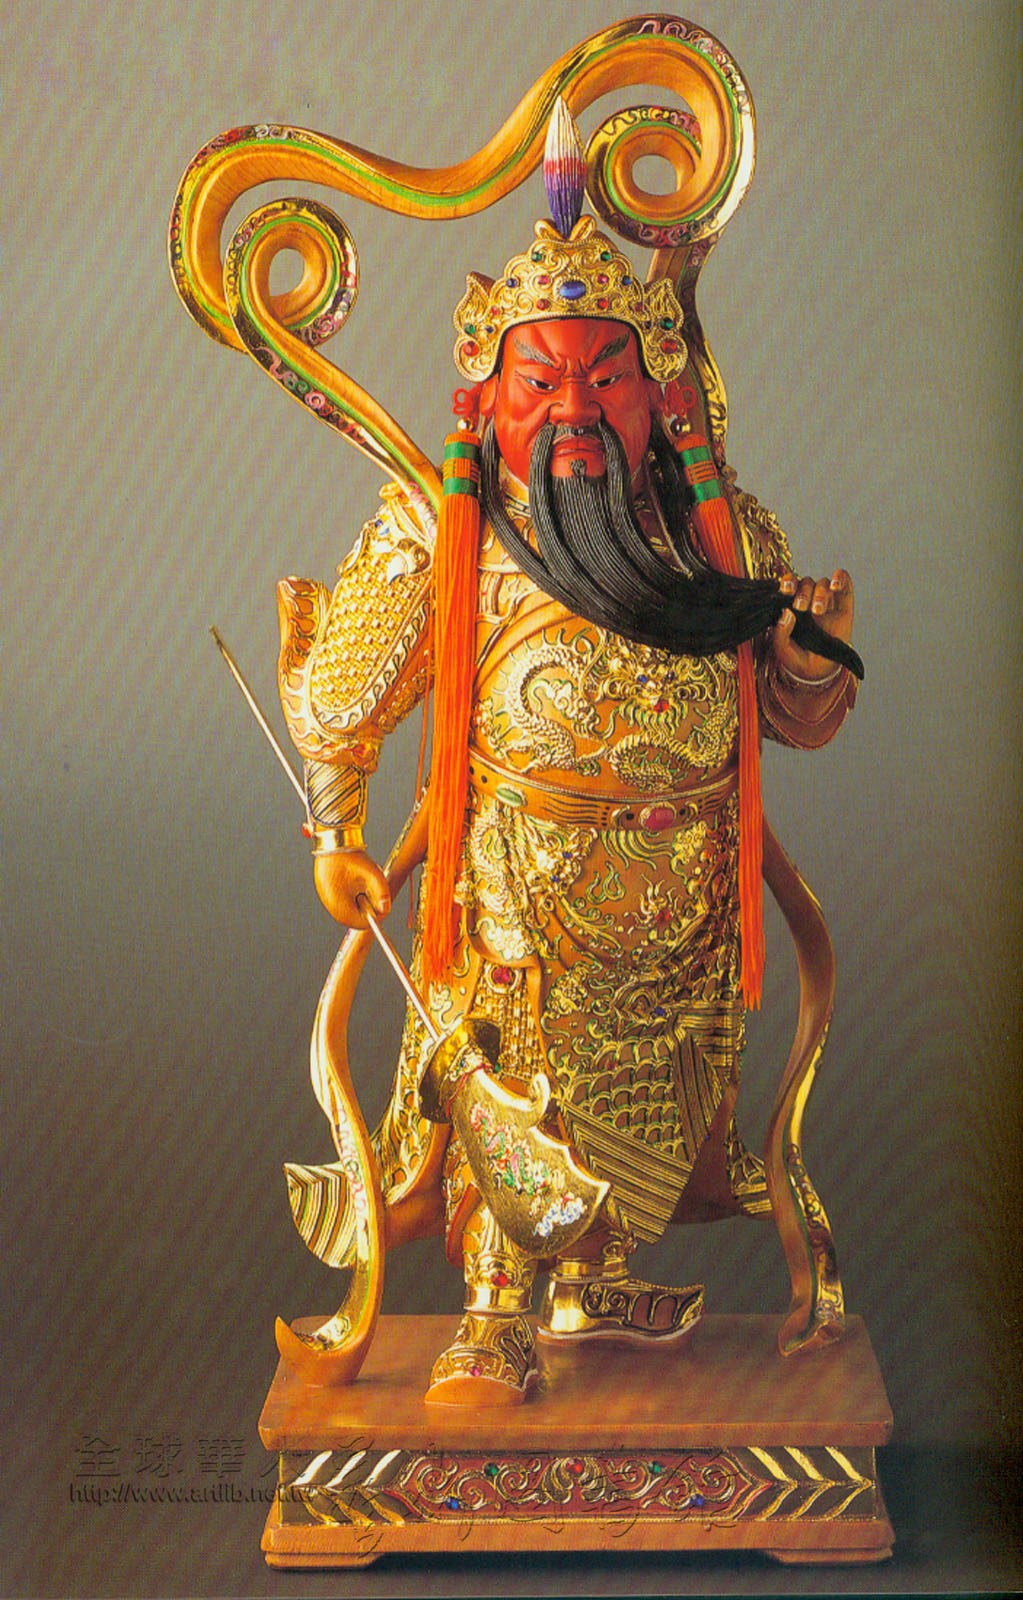 关羽成为佛教护法神的来历 - 准提护佑 - 准提护佑